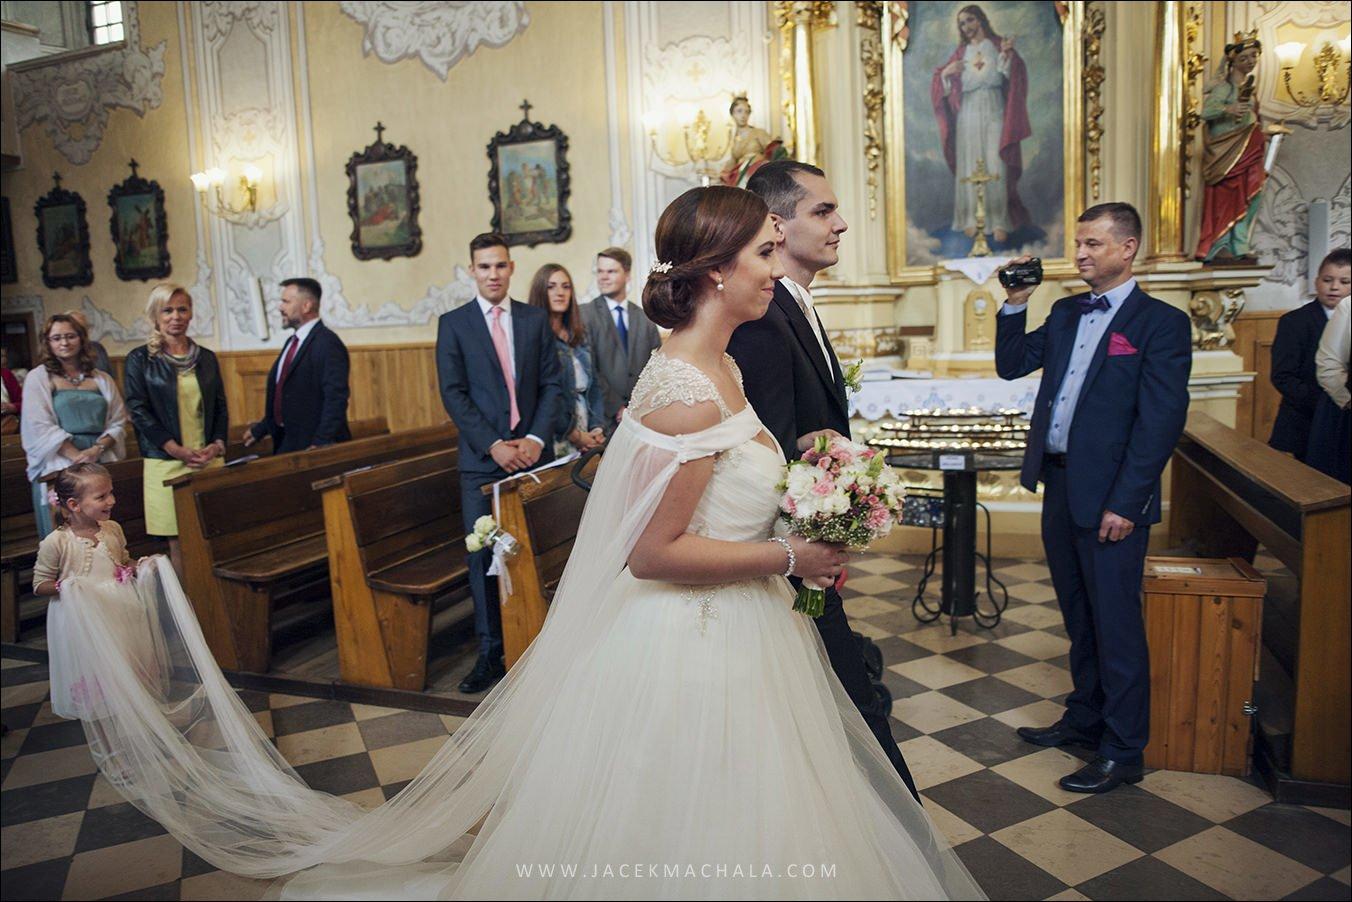 slask fotograf bielsko biala diana i dawid 19 - Hotel Ostaniec - DIANA & DAWID